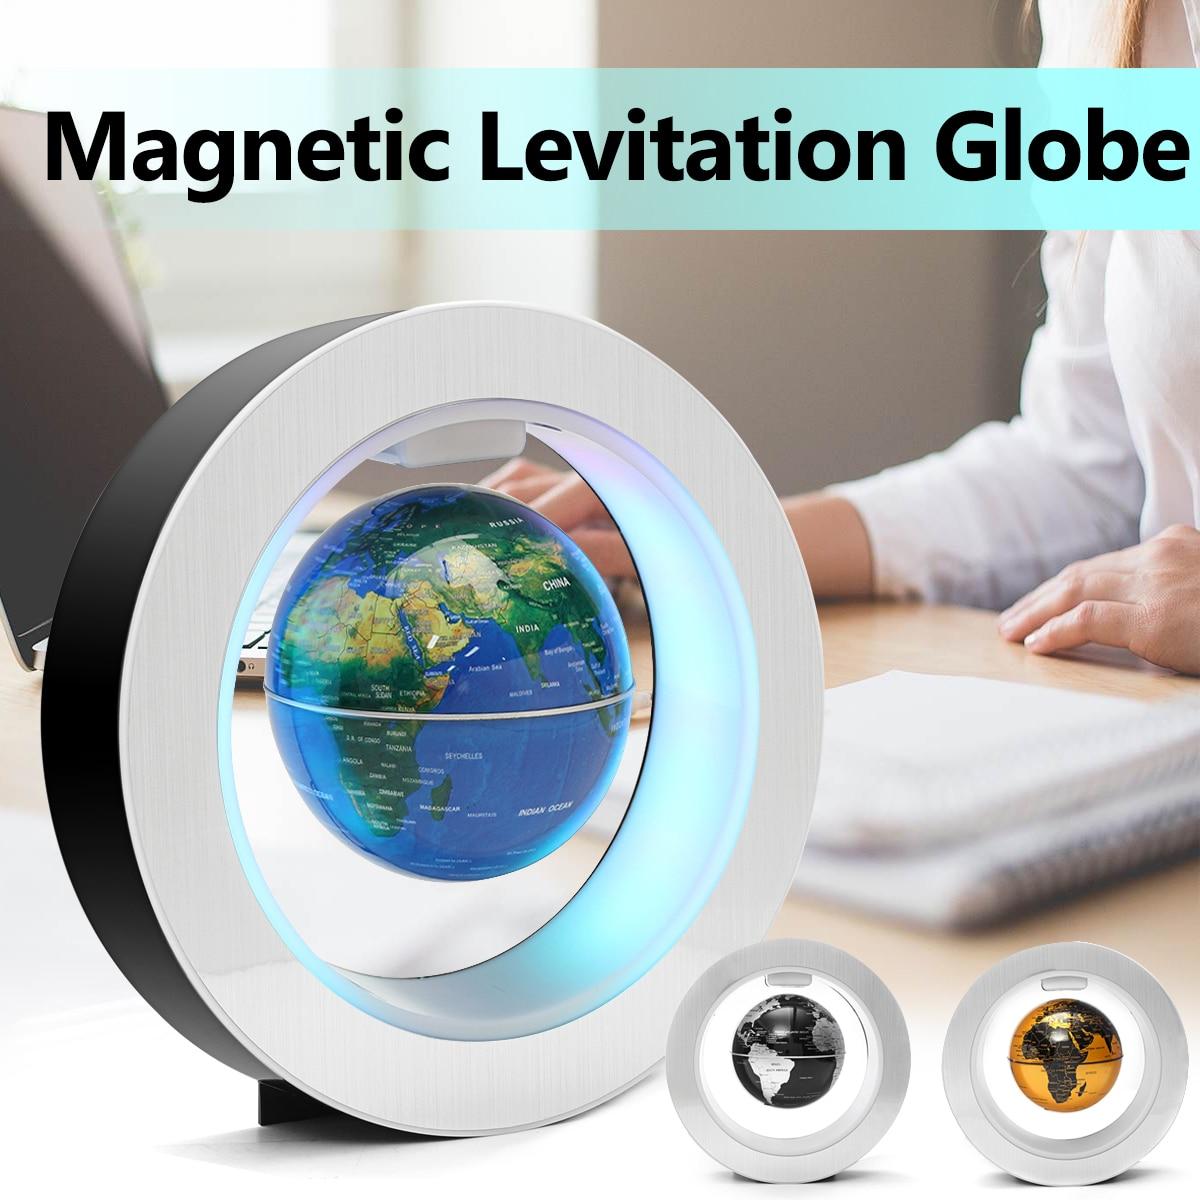 4 ''Lévitation magnétique Flottant Globe Terre Carte LED Lampe O Forme Tellurion Géographie Jouets Home Office Décoration Ornement